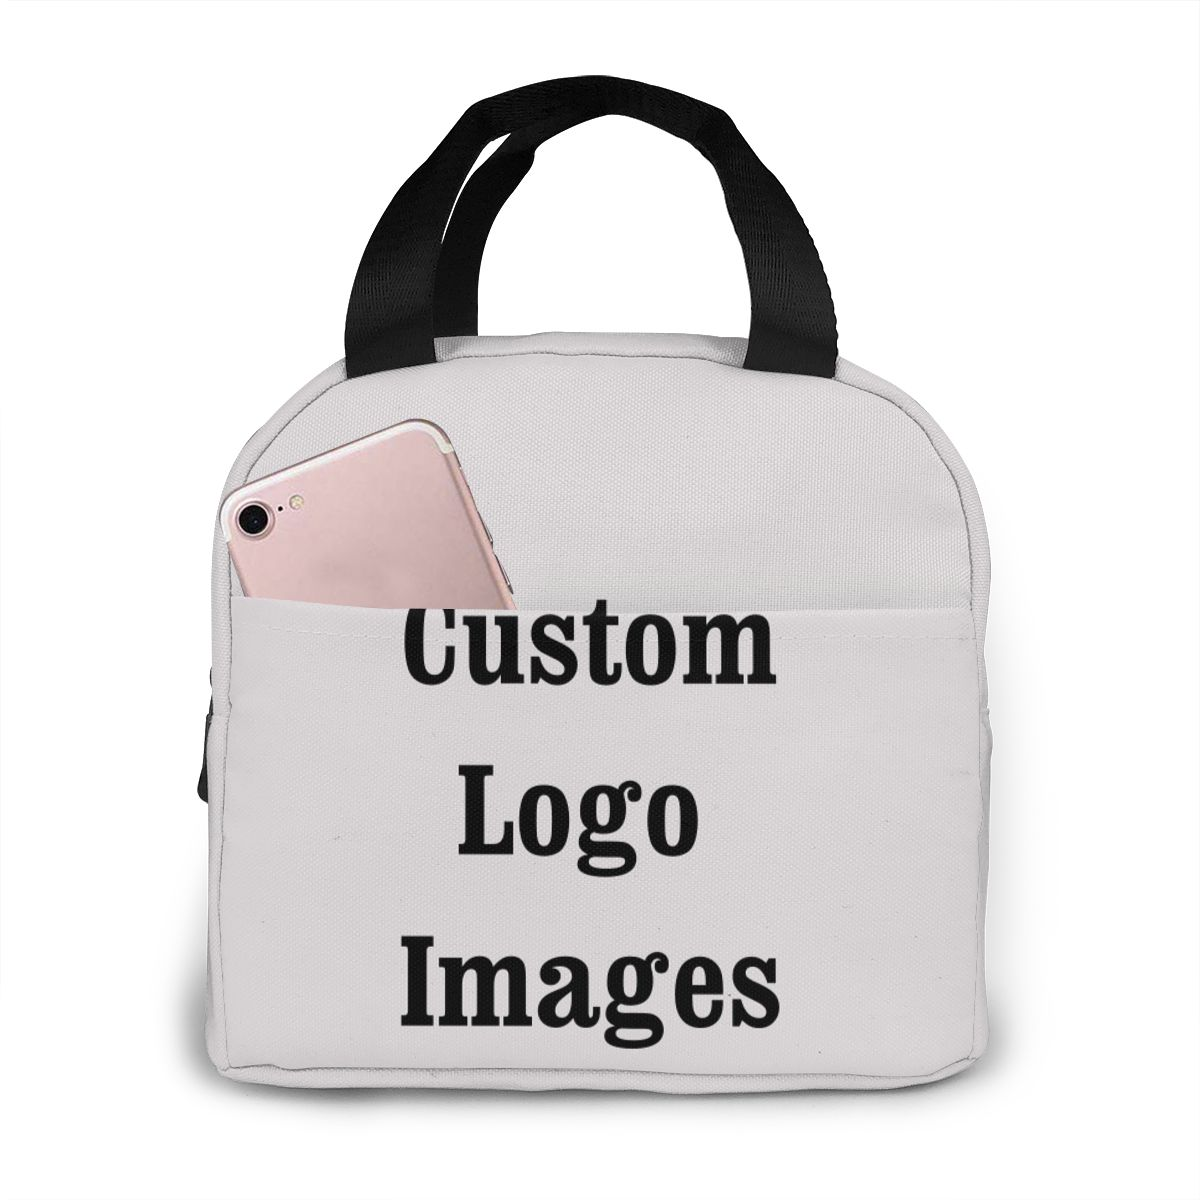 Bolsa de Almoço Bolsas de Piquenique Portátil para Escola Logotipo Personalizado Refrigerador Padrão Impressão Meninas Comida Térmica Crianças Meninos Caixa Tote Dropshipping